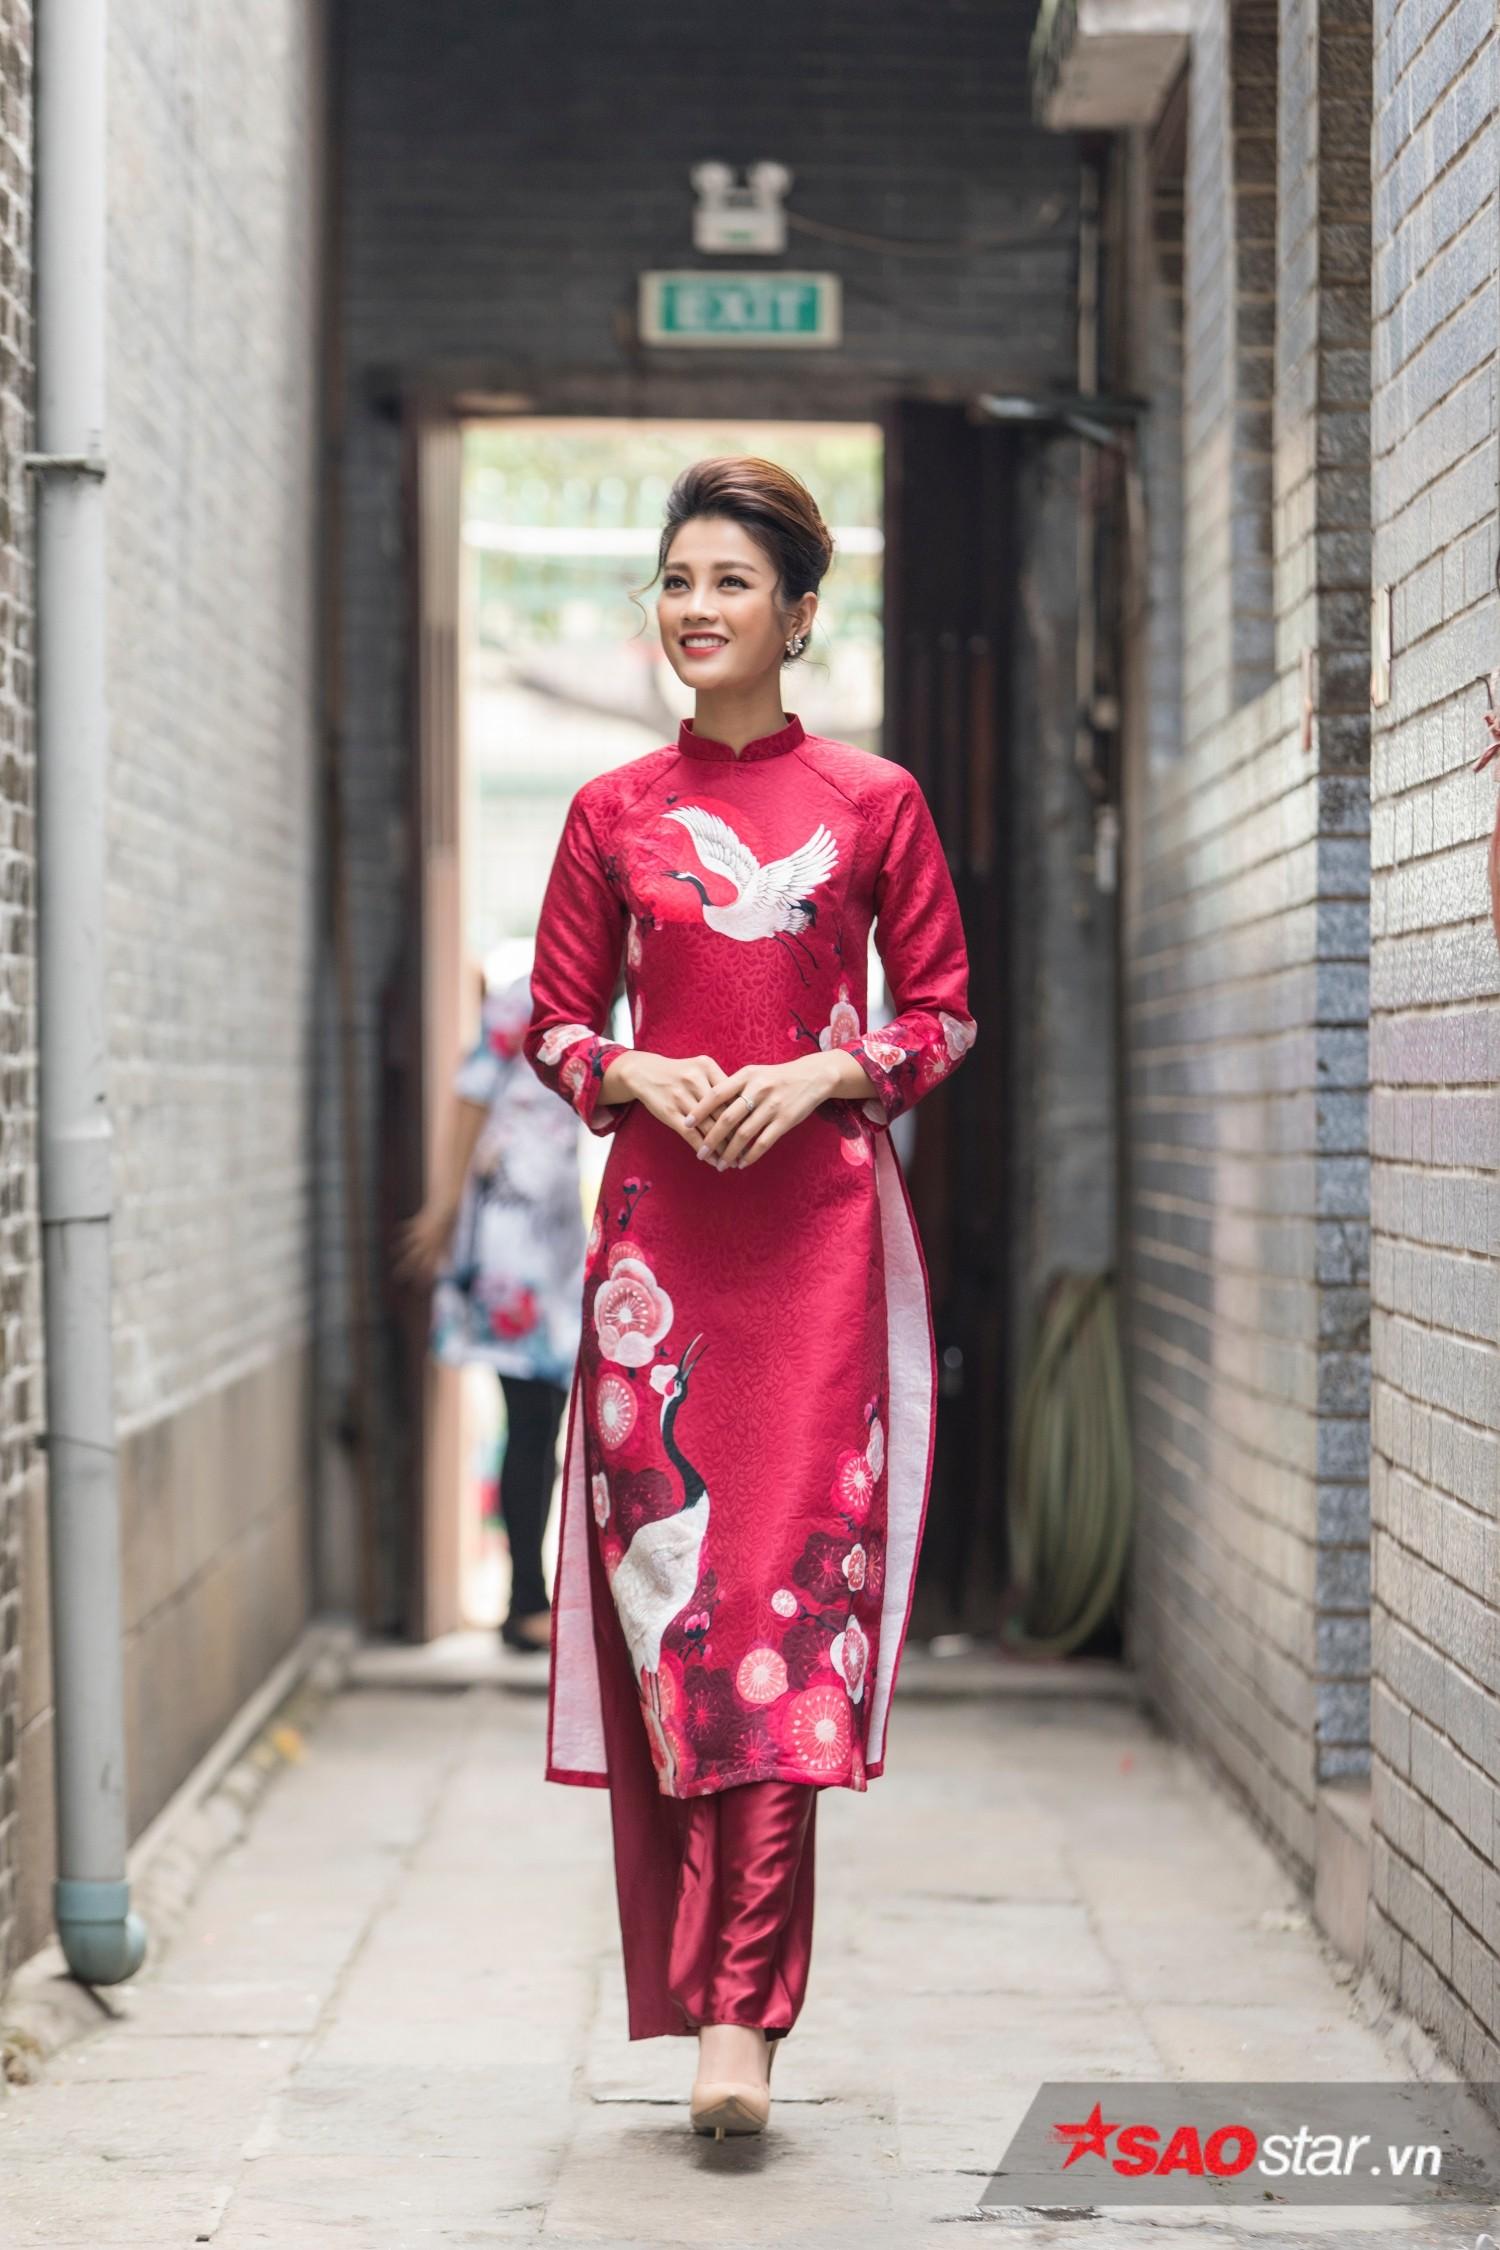 So với thời điểm tham gia Hoa hậu Hoàn vũ Việt Nam, Mỹ Duyên đã giảm hẳn 5 kg do bệnh liên tục. Cô mong thời gian tới, sức khoẻ sẽ ổn định hơn để tập trung vào công việc.